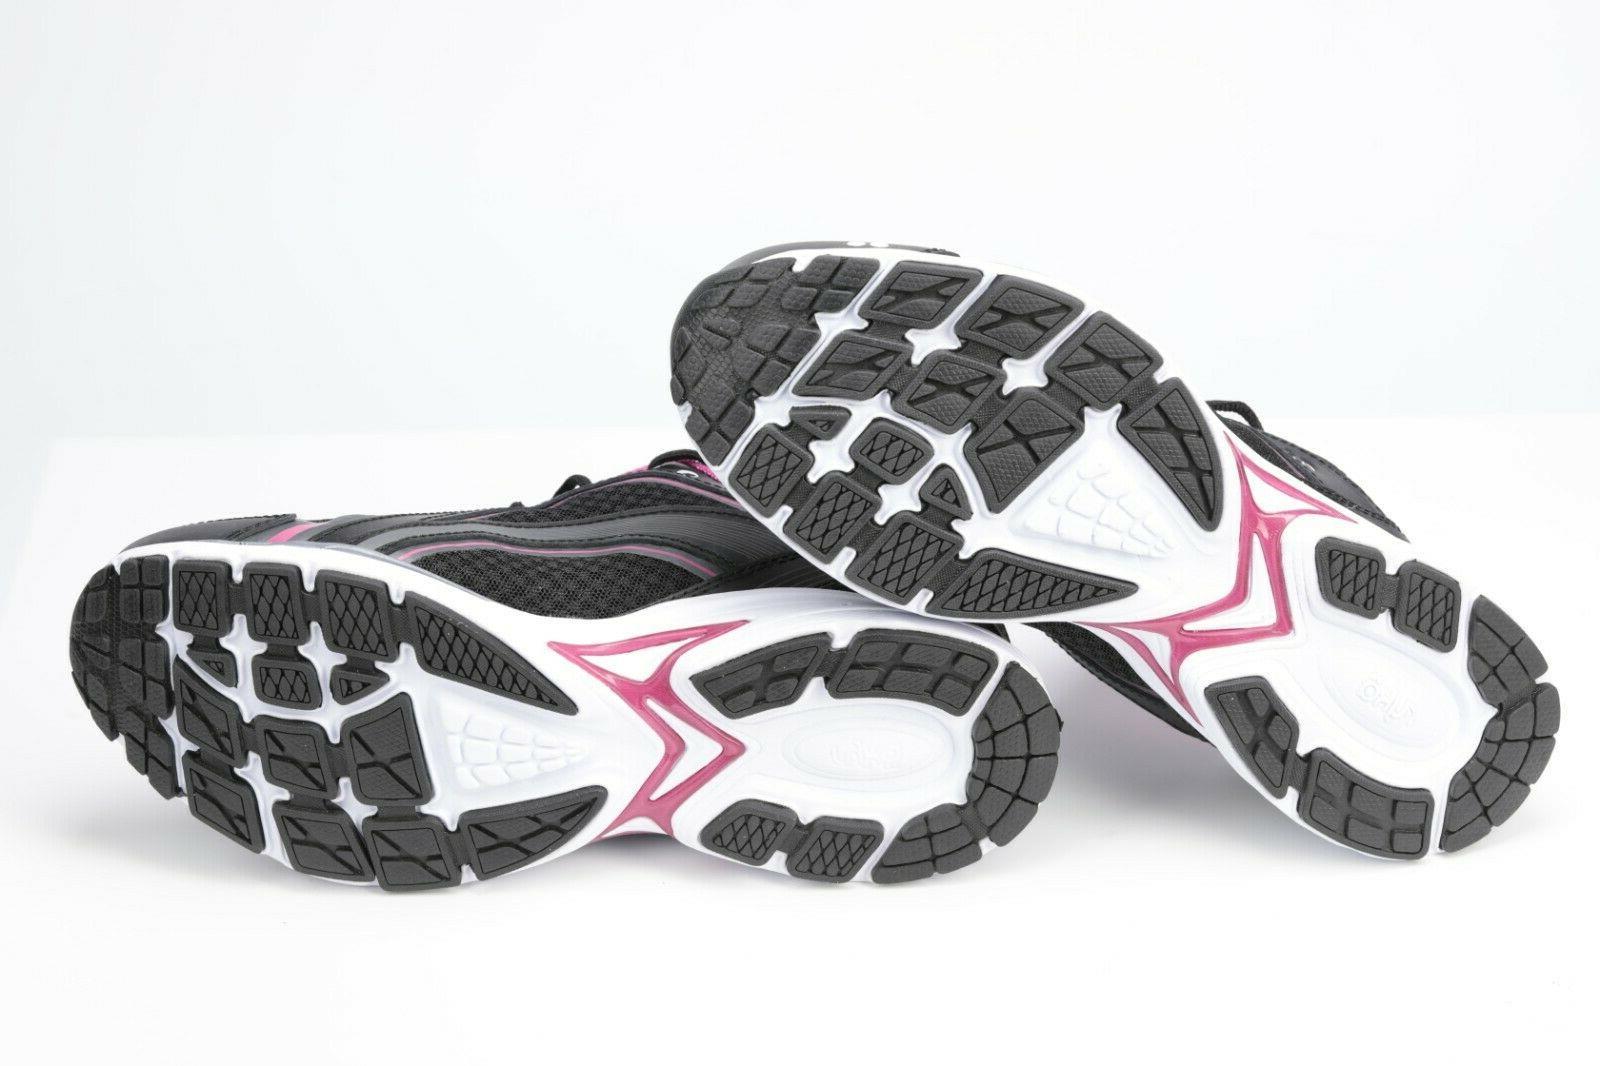 RYKA WALK Shoe, Black/Pink, 8.5 US